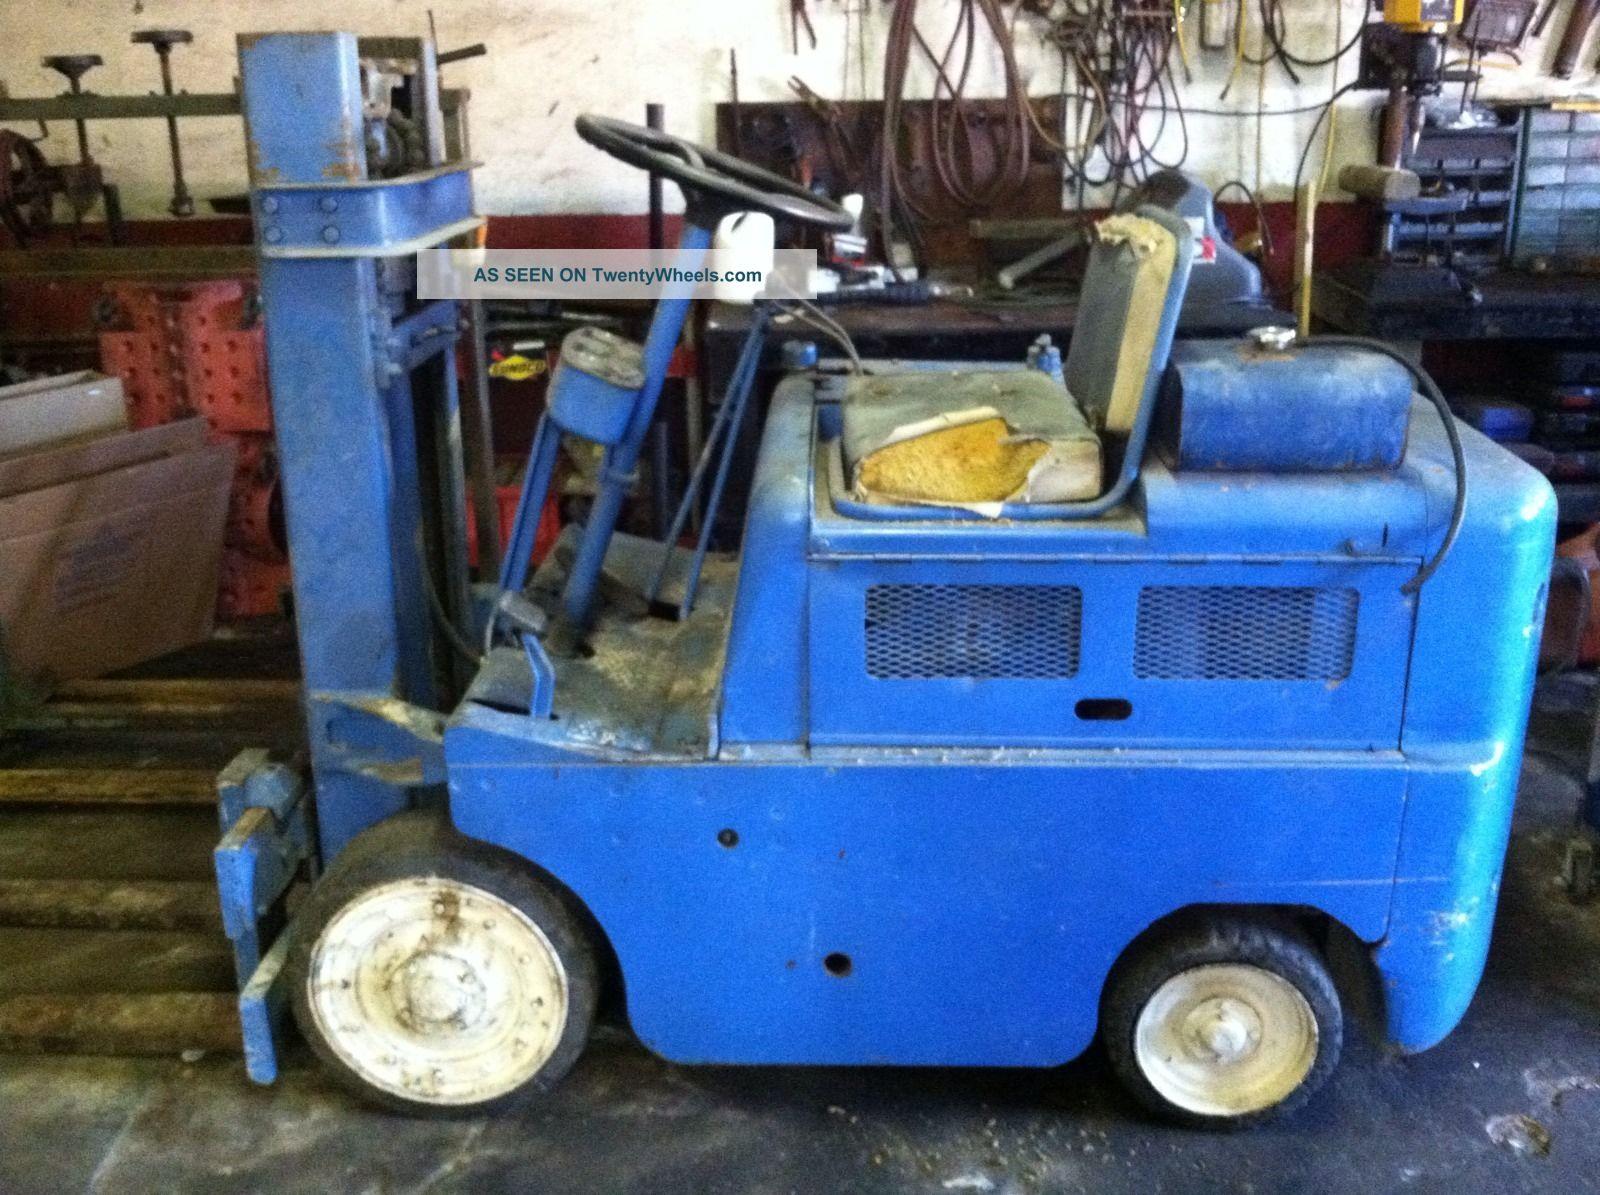 1950s Clark Forklift/carloader